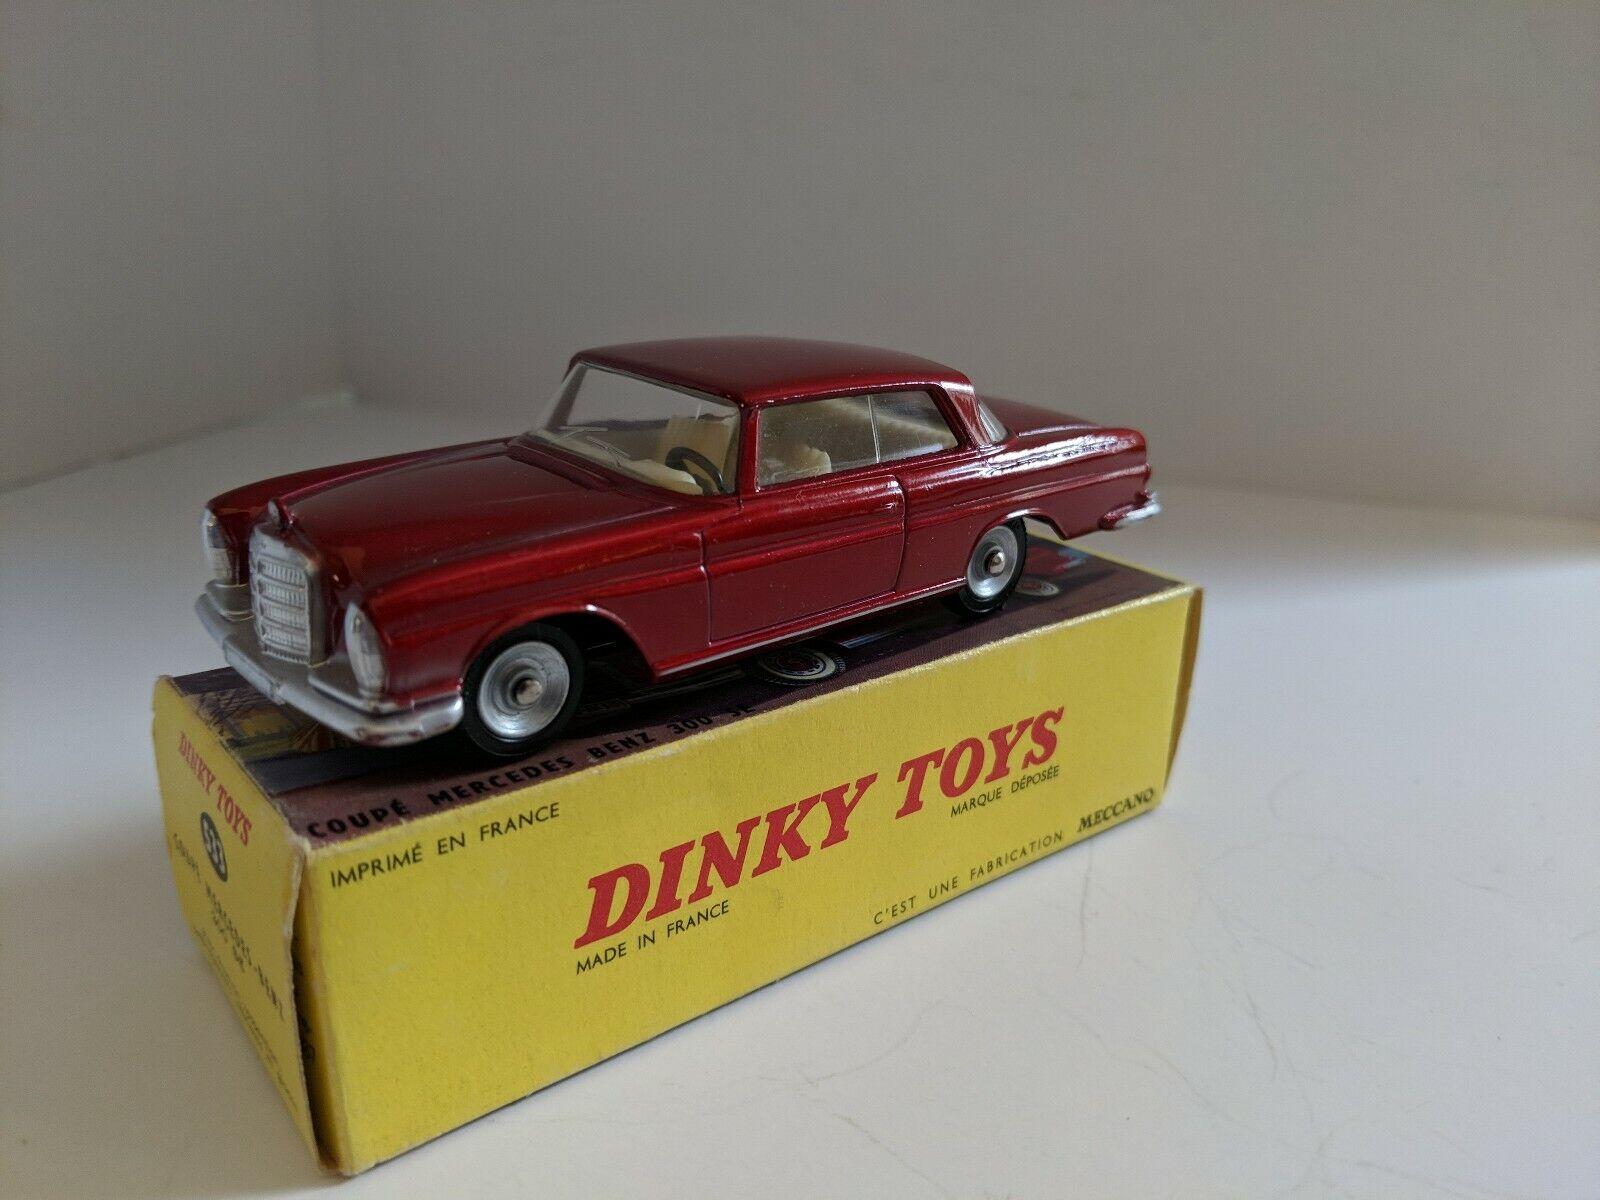 sin mínimo Dinky Juguetes Juguetes Juguetes 533 Mercedes Benz 300SE con Caja, 1963-70 Como Nuevo Original Hecho En Francia  preferente